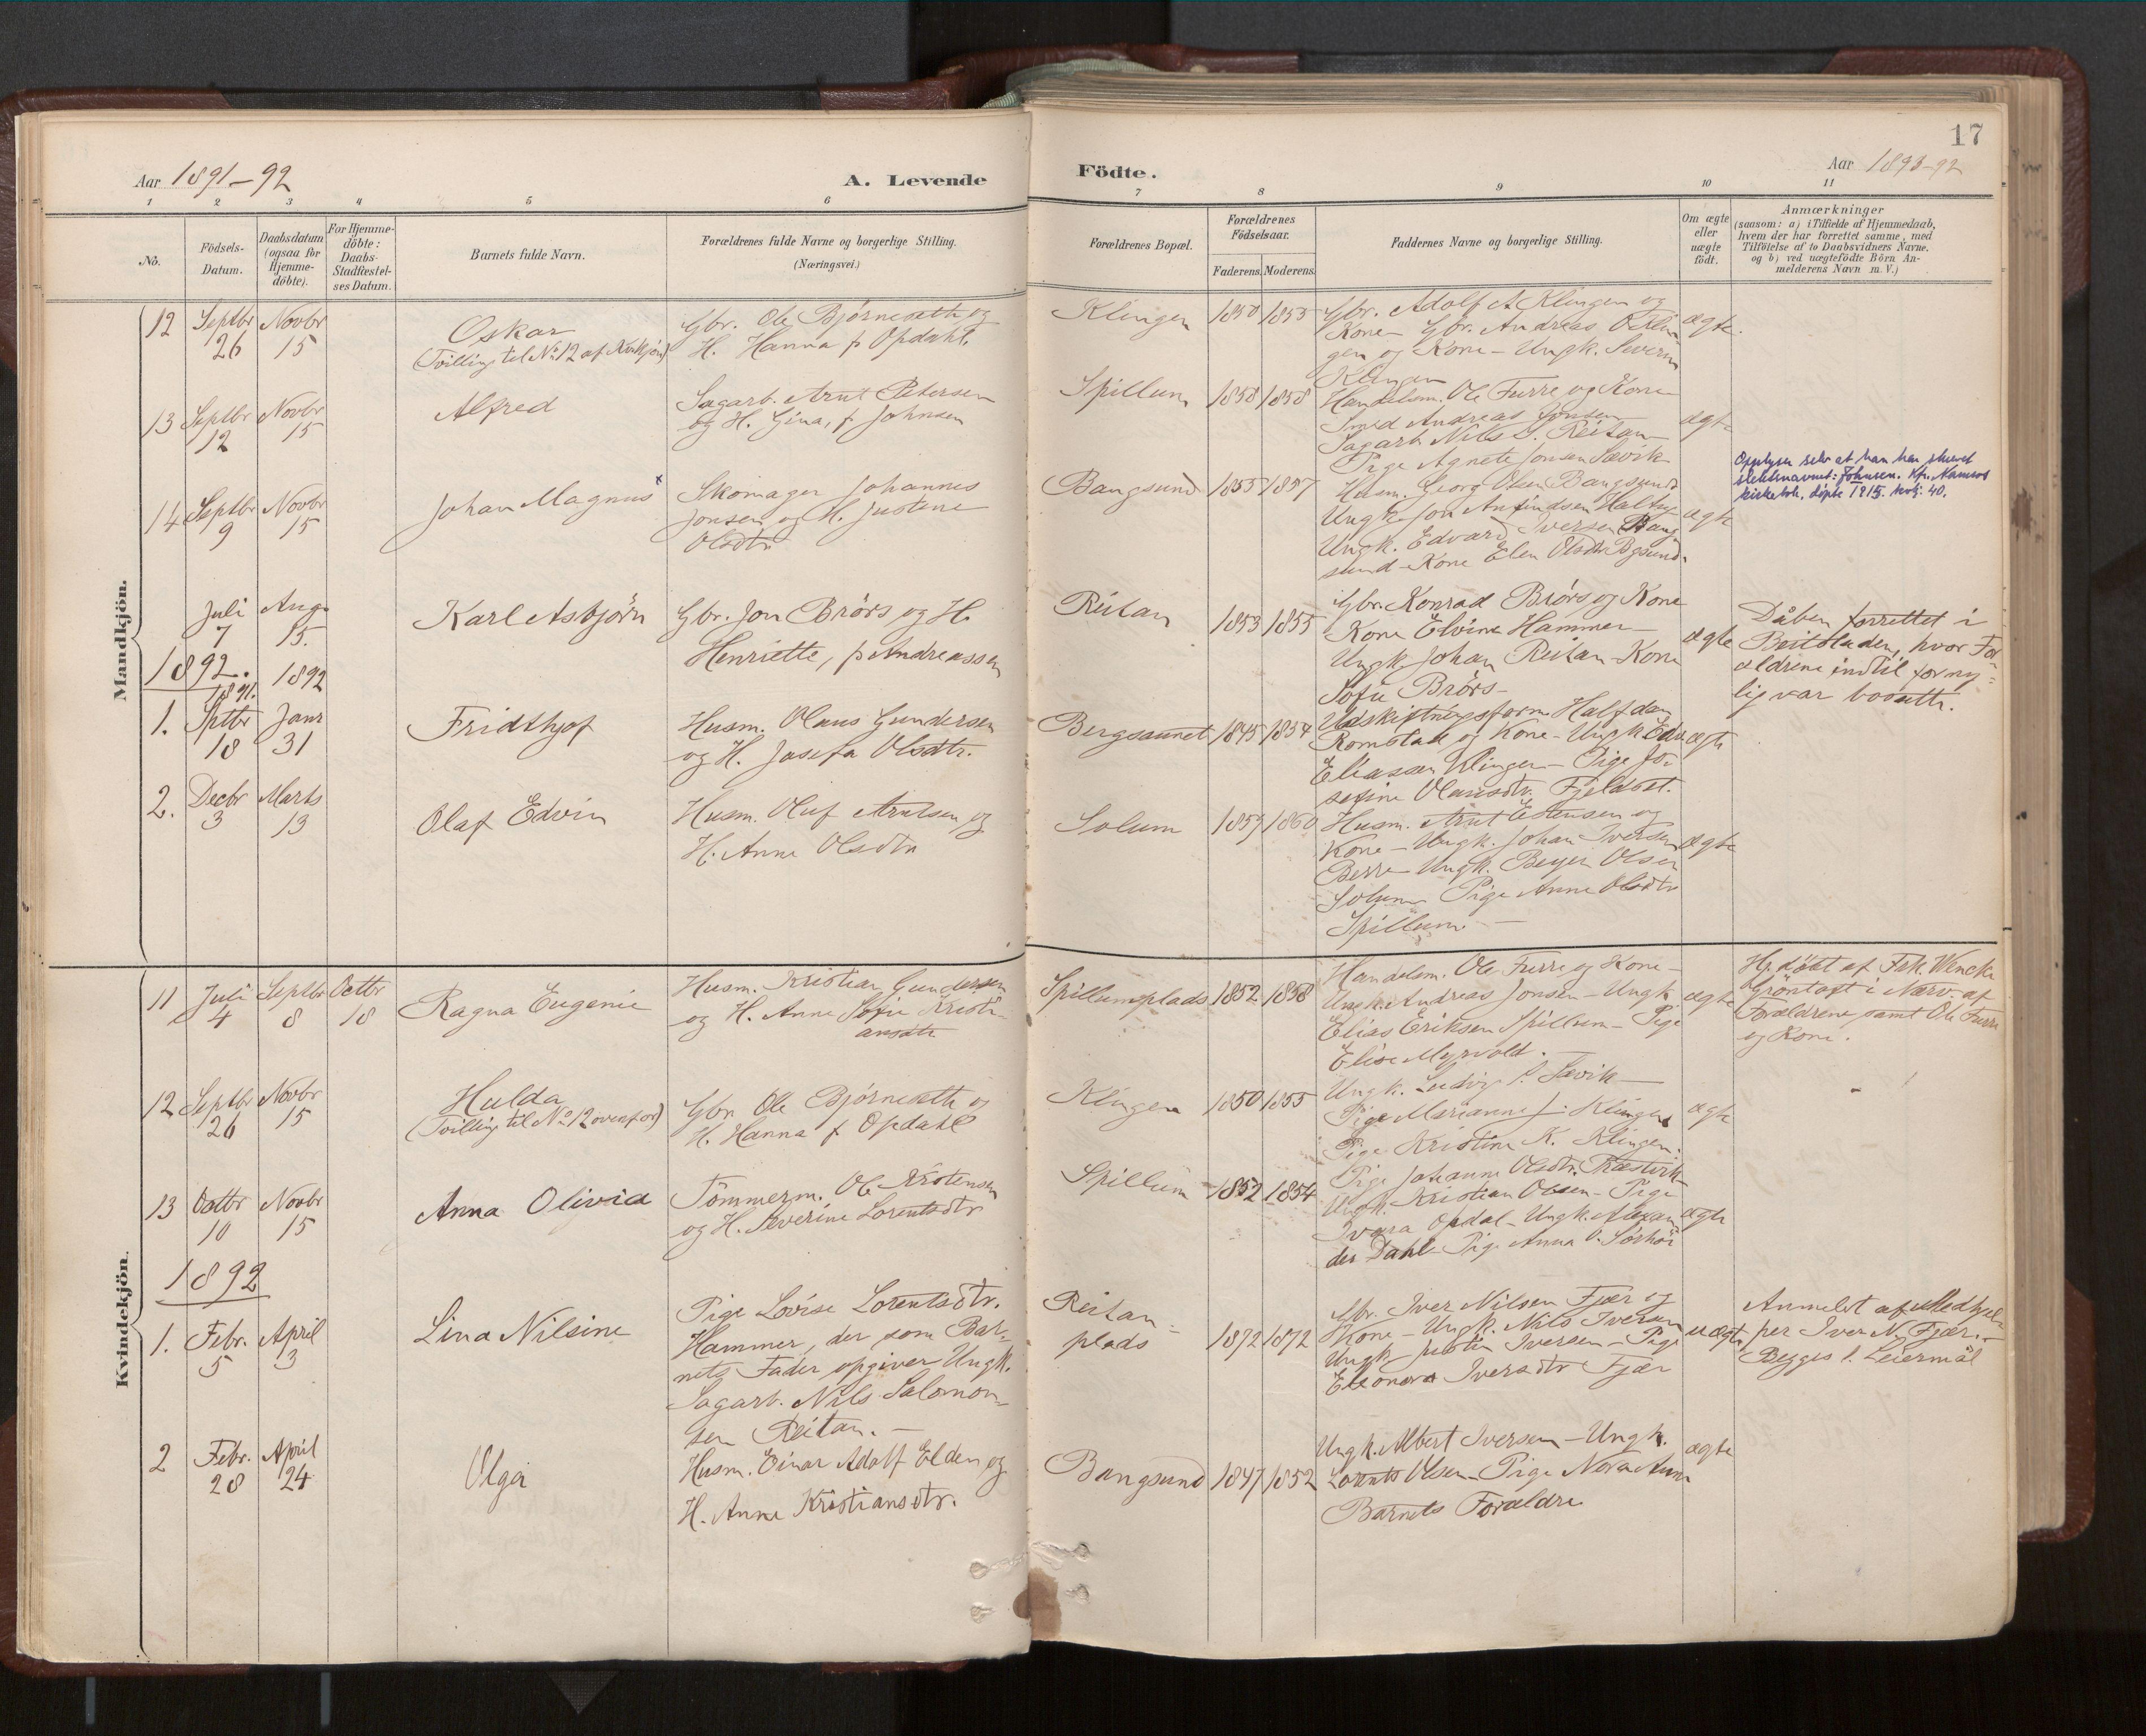 SAT, Ministerialprotokoller, klokkerbøker og fødselsregistre - Nord-Trøndelag, 770/L0589: Ministerialbok nr. 770A03, 1887-1929, s. 17